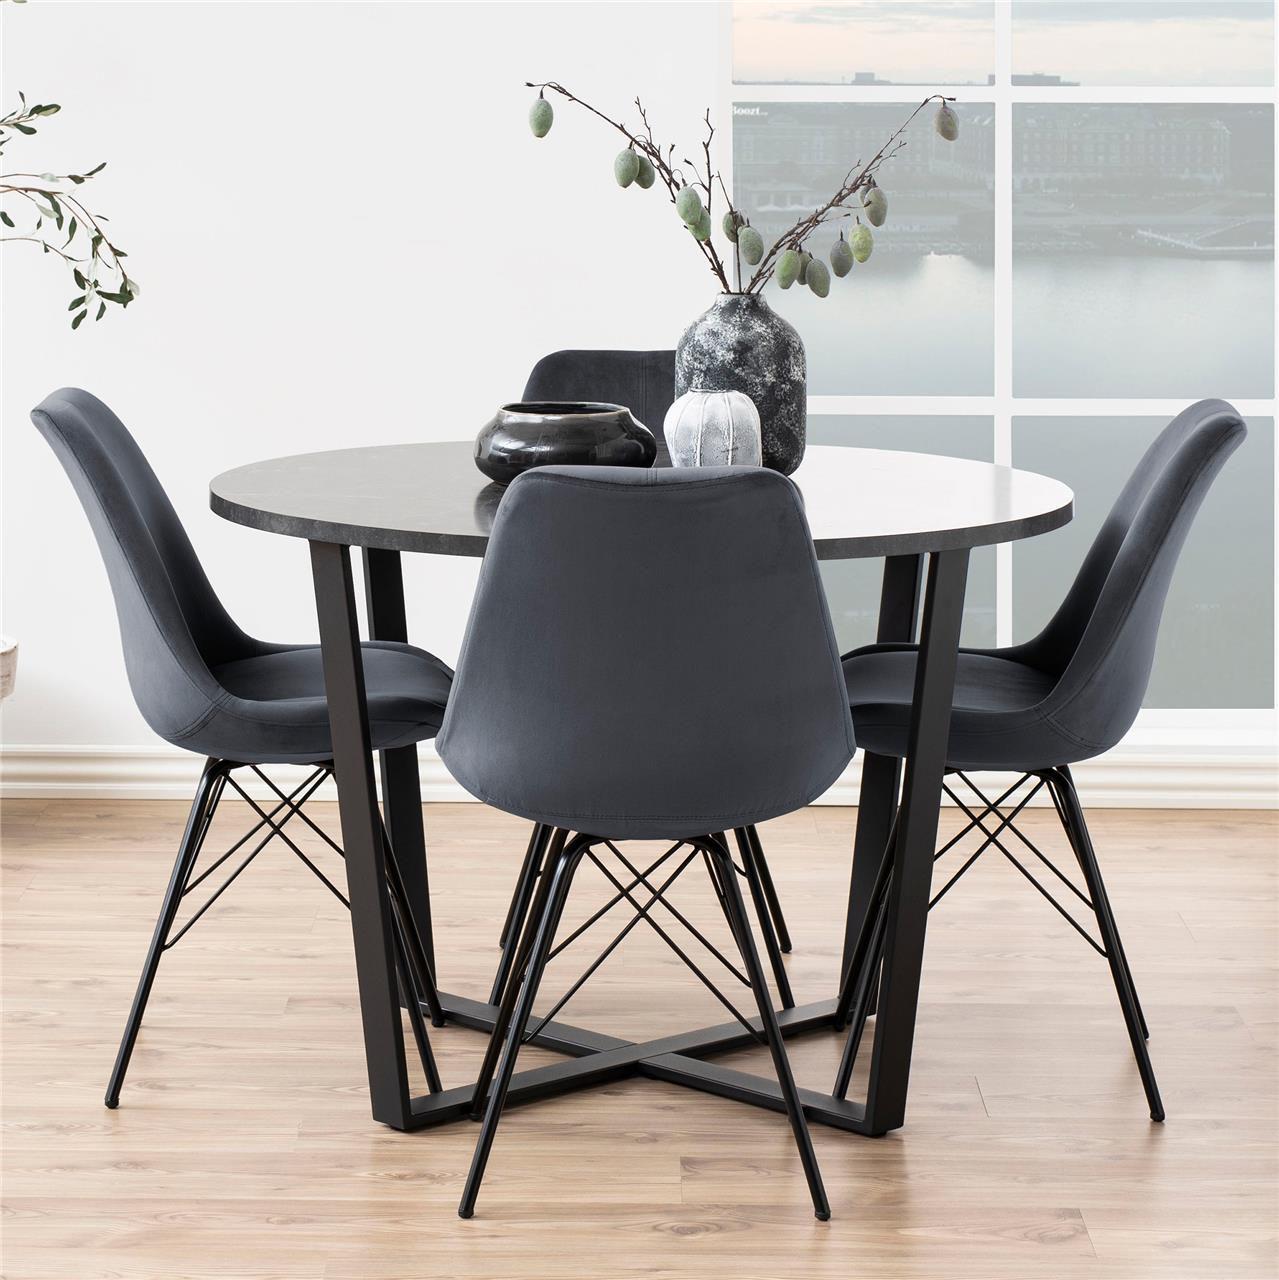 frostrup-grijs-velours-eetstoel-zwart-frame-4